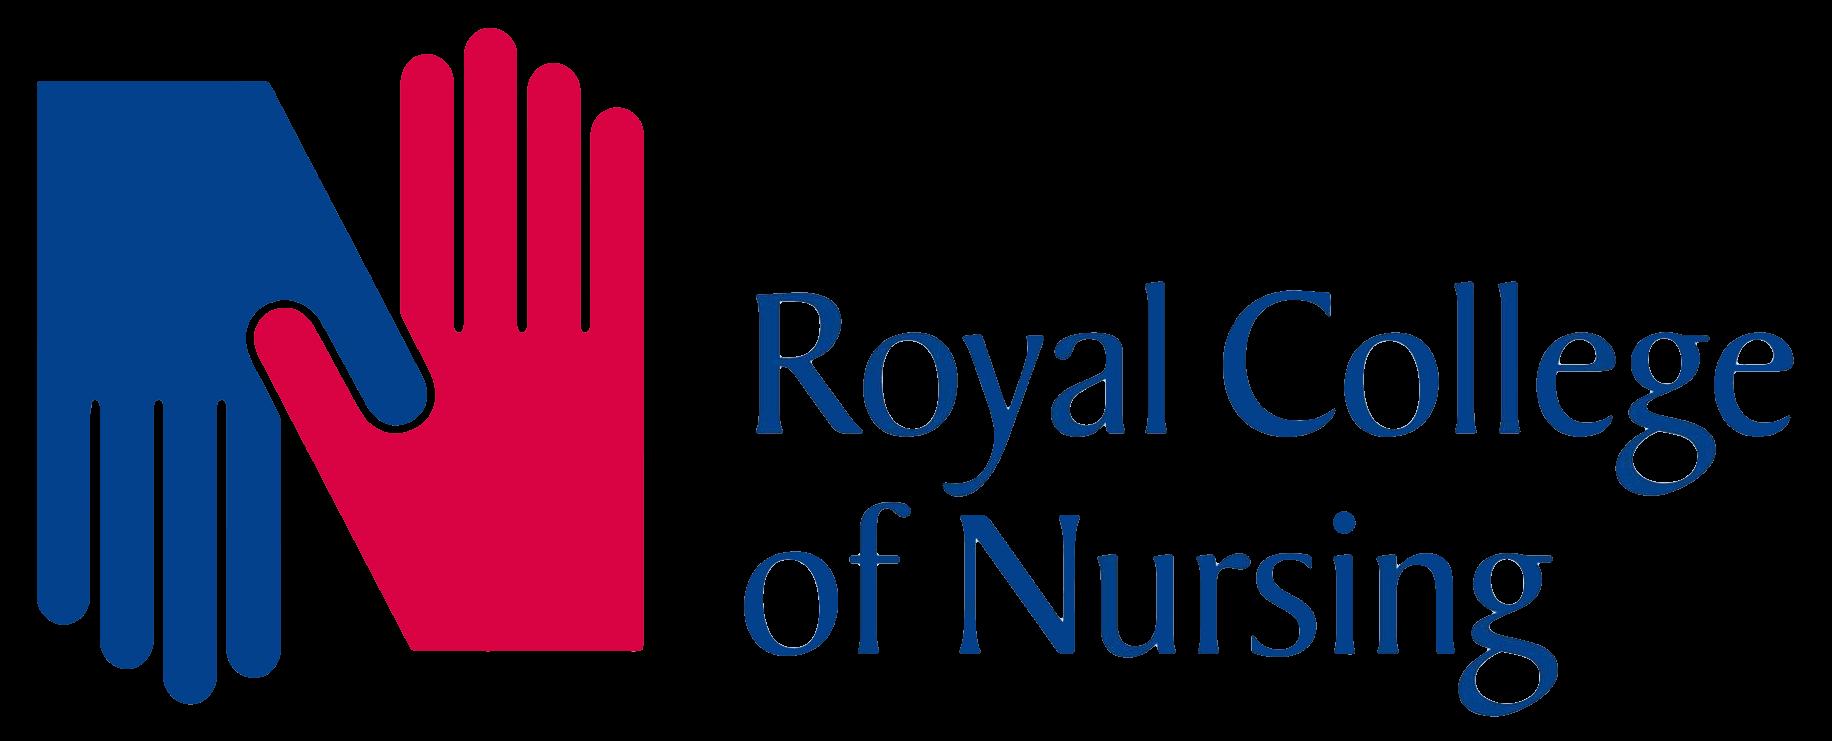 Royal College of Nursing (logo).png